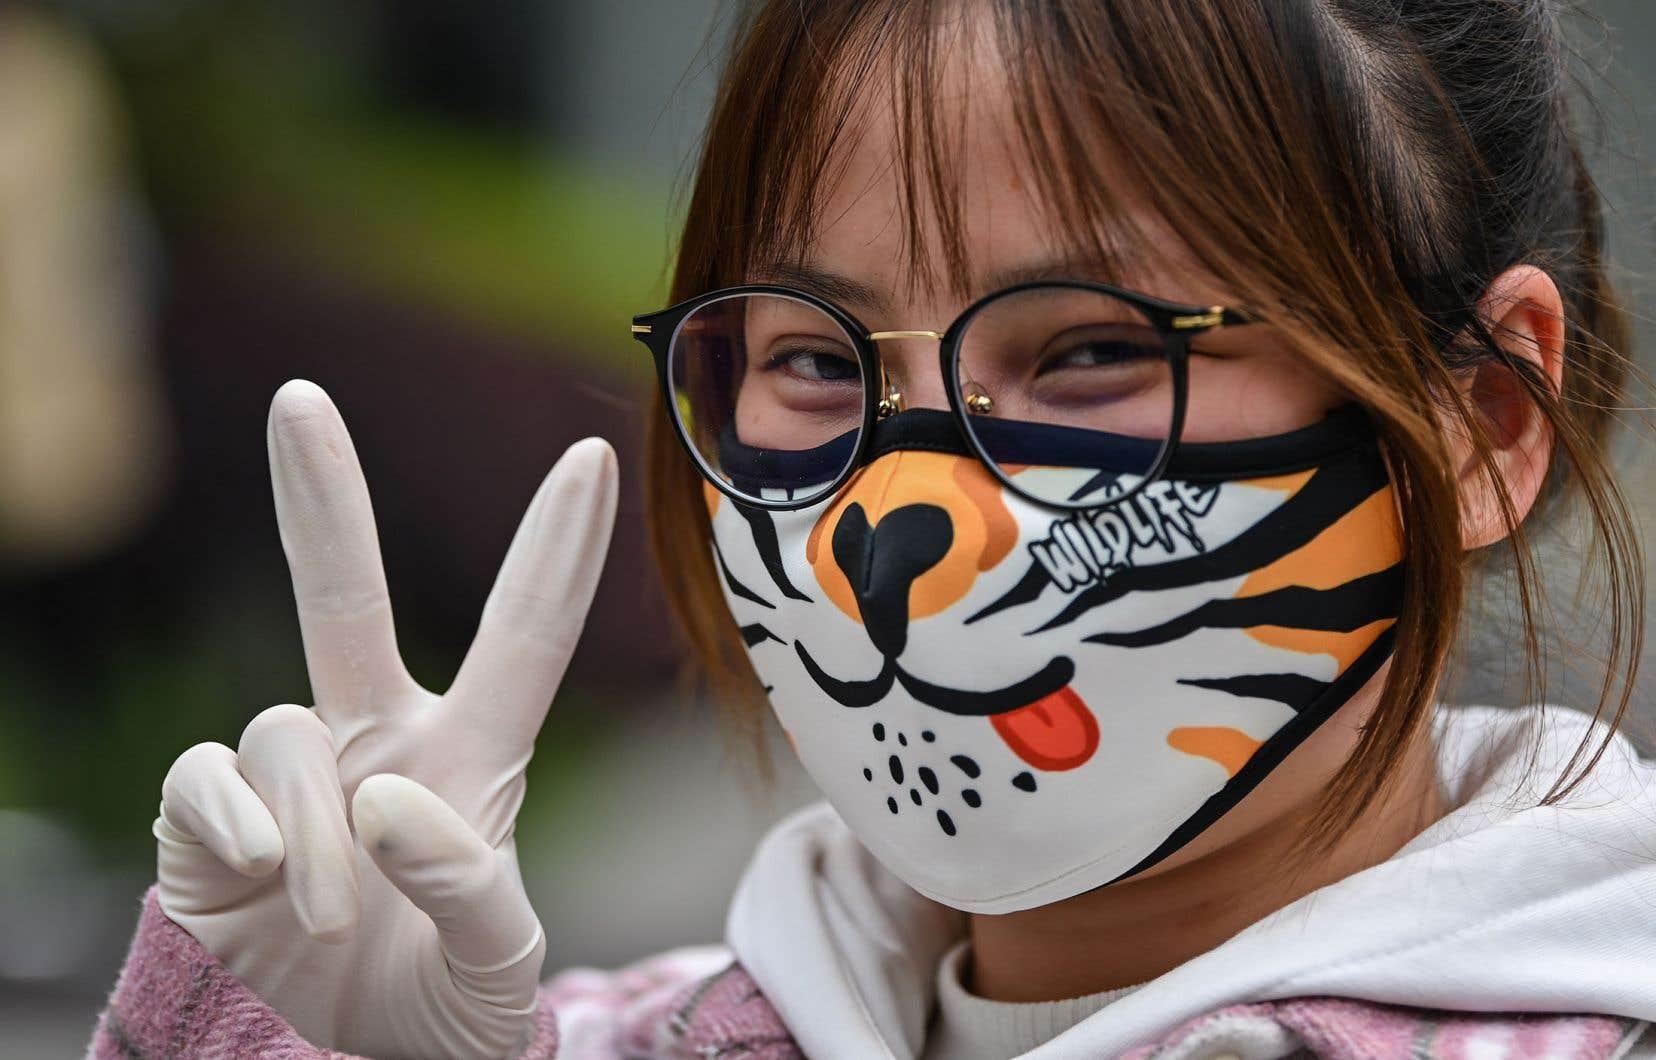 «Nous invitons tout le monde à porter un masque non médical dans l'espace public comme mesure de protection supplémentaire pour compléter toutes celles déjà mises en place par les autorités», réclament les auteurs.